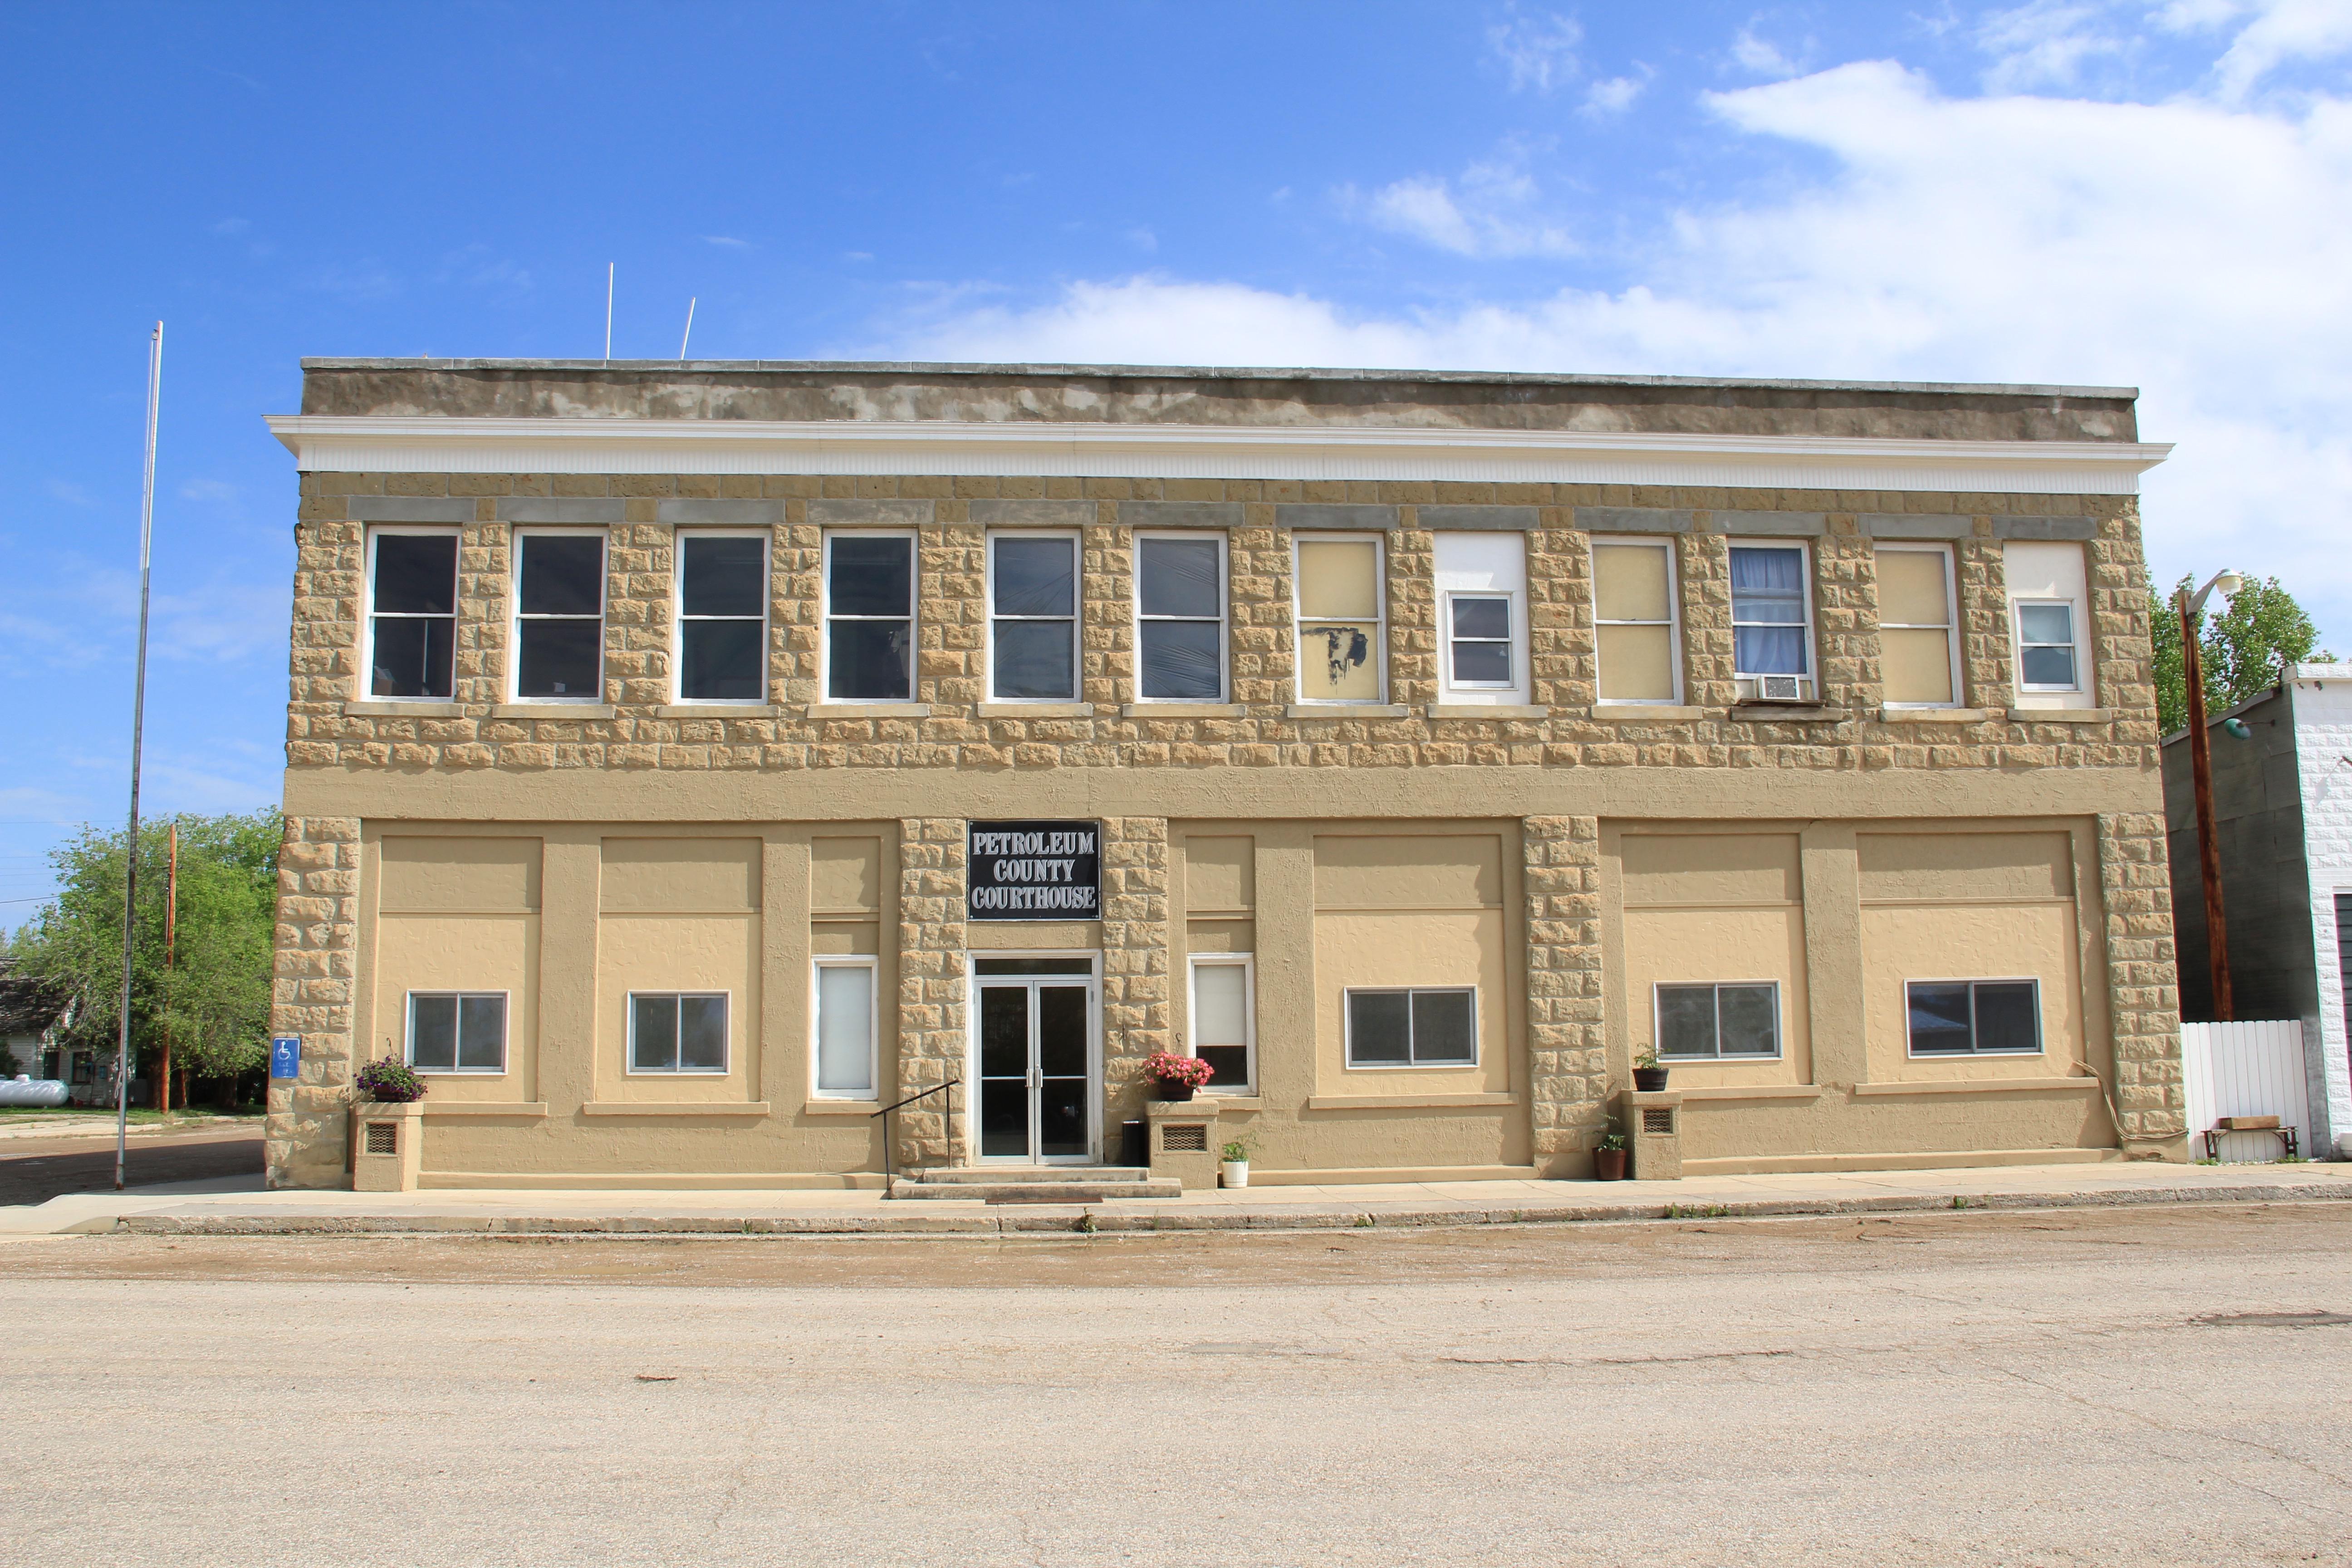 Petroleum Co Winnett courthouse 2